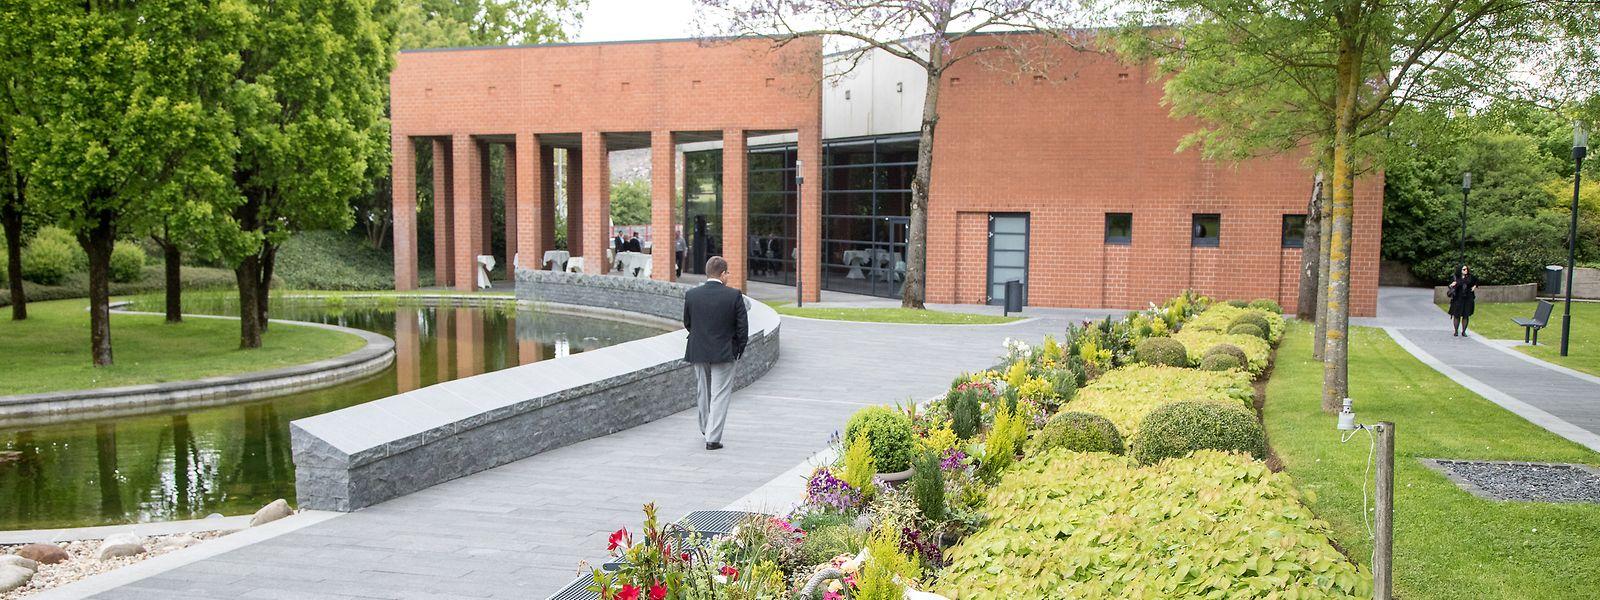 Rund 51.000 Verstorbene ließen sich bisher im Krematorium in Hamm einäschern.